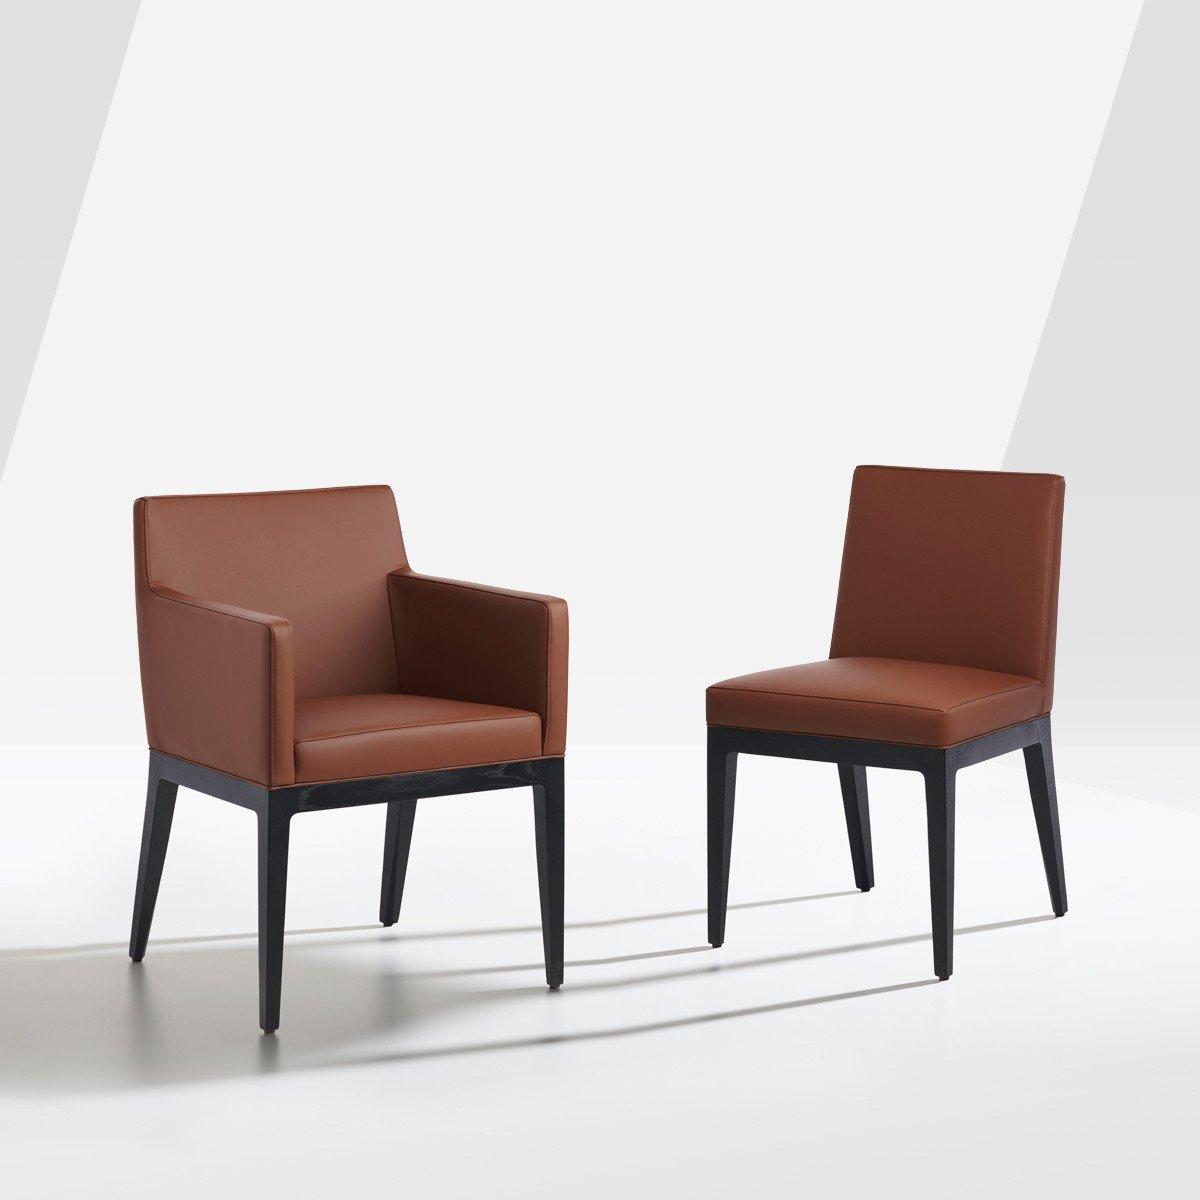 Greta Chair from Potocco, designed by Enrico Franzolini